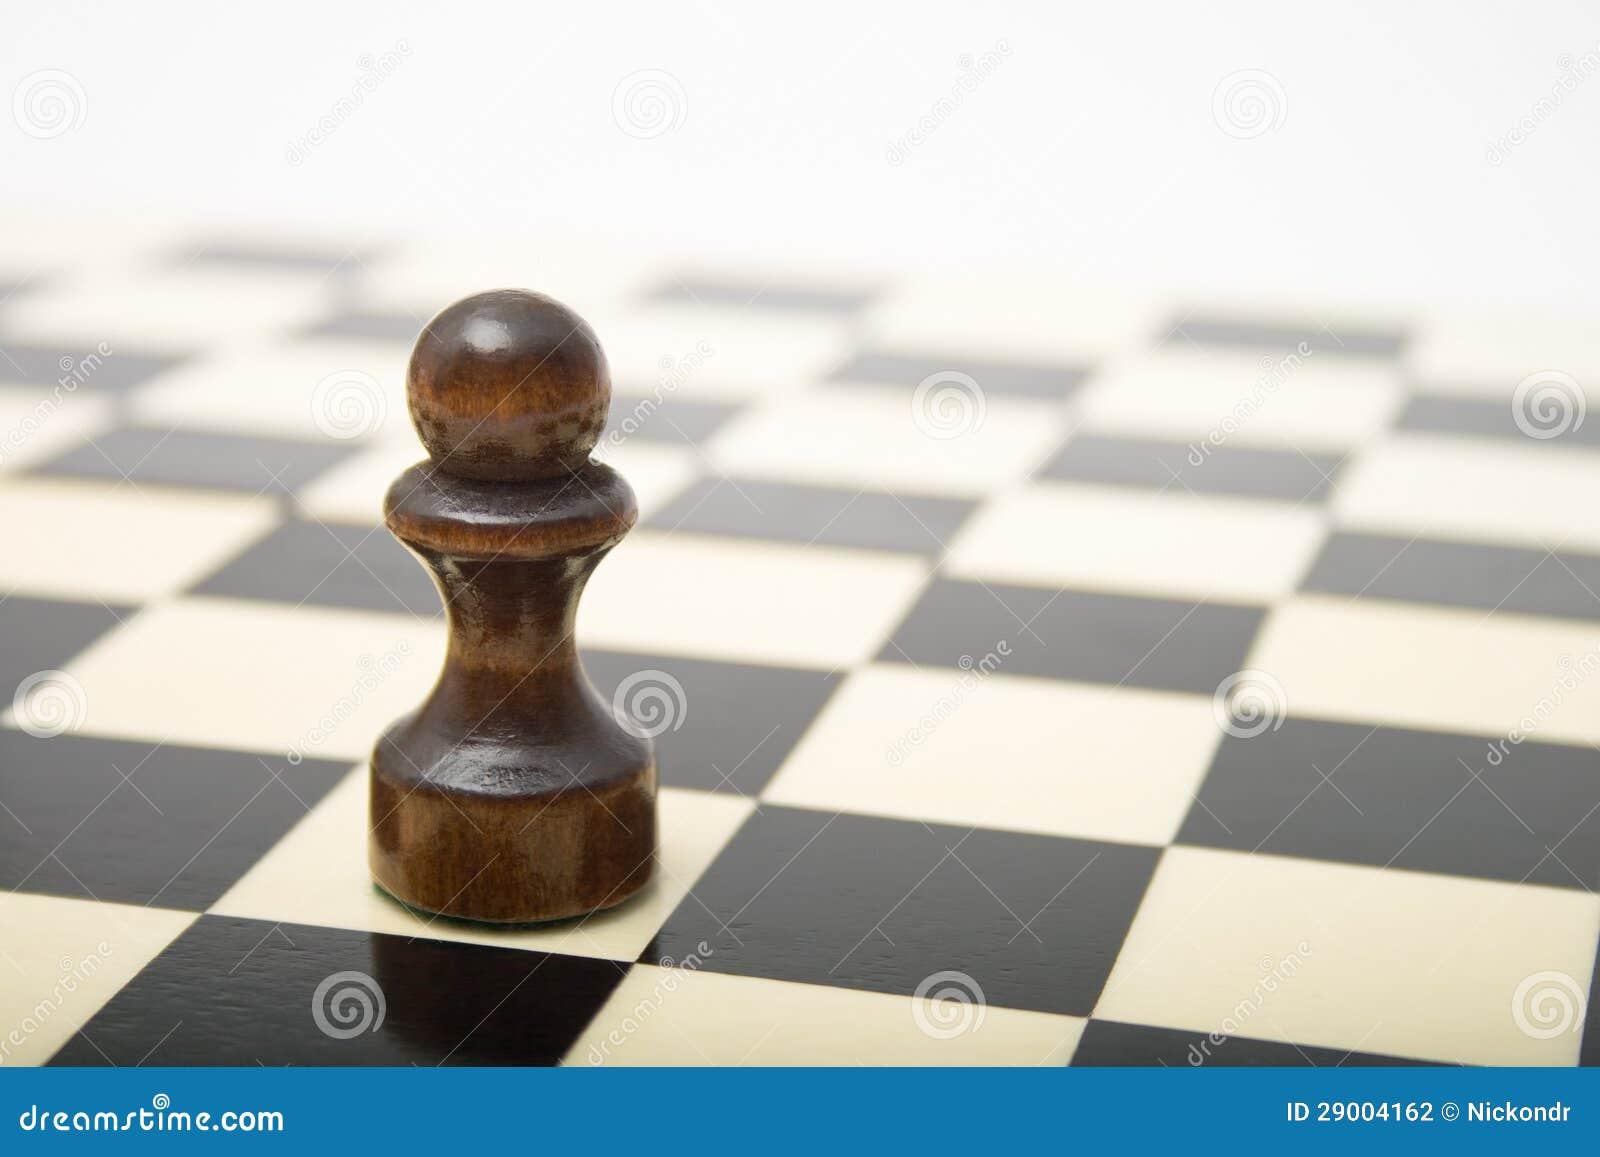 Pegno nero su una scacchiera